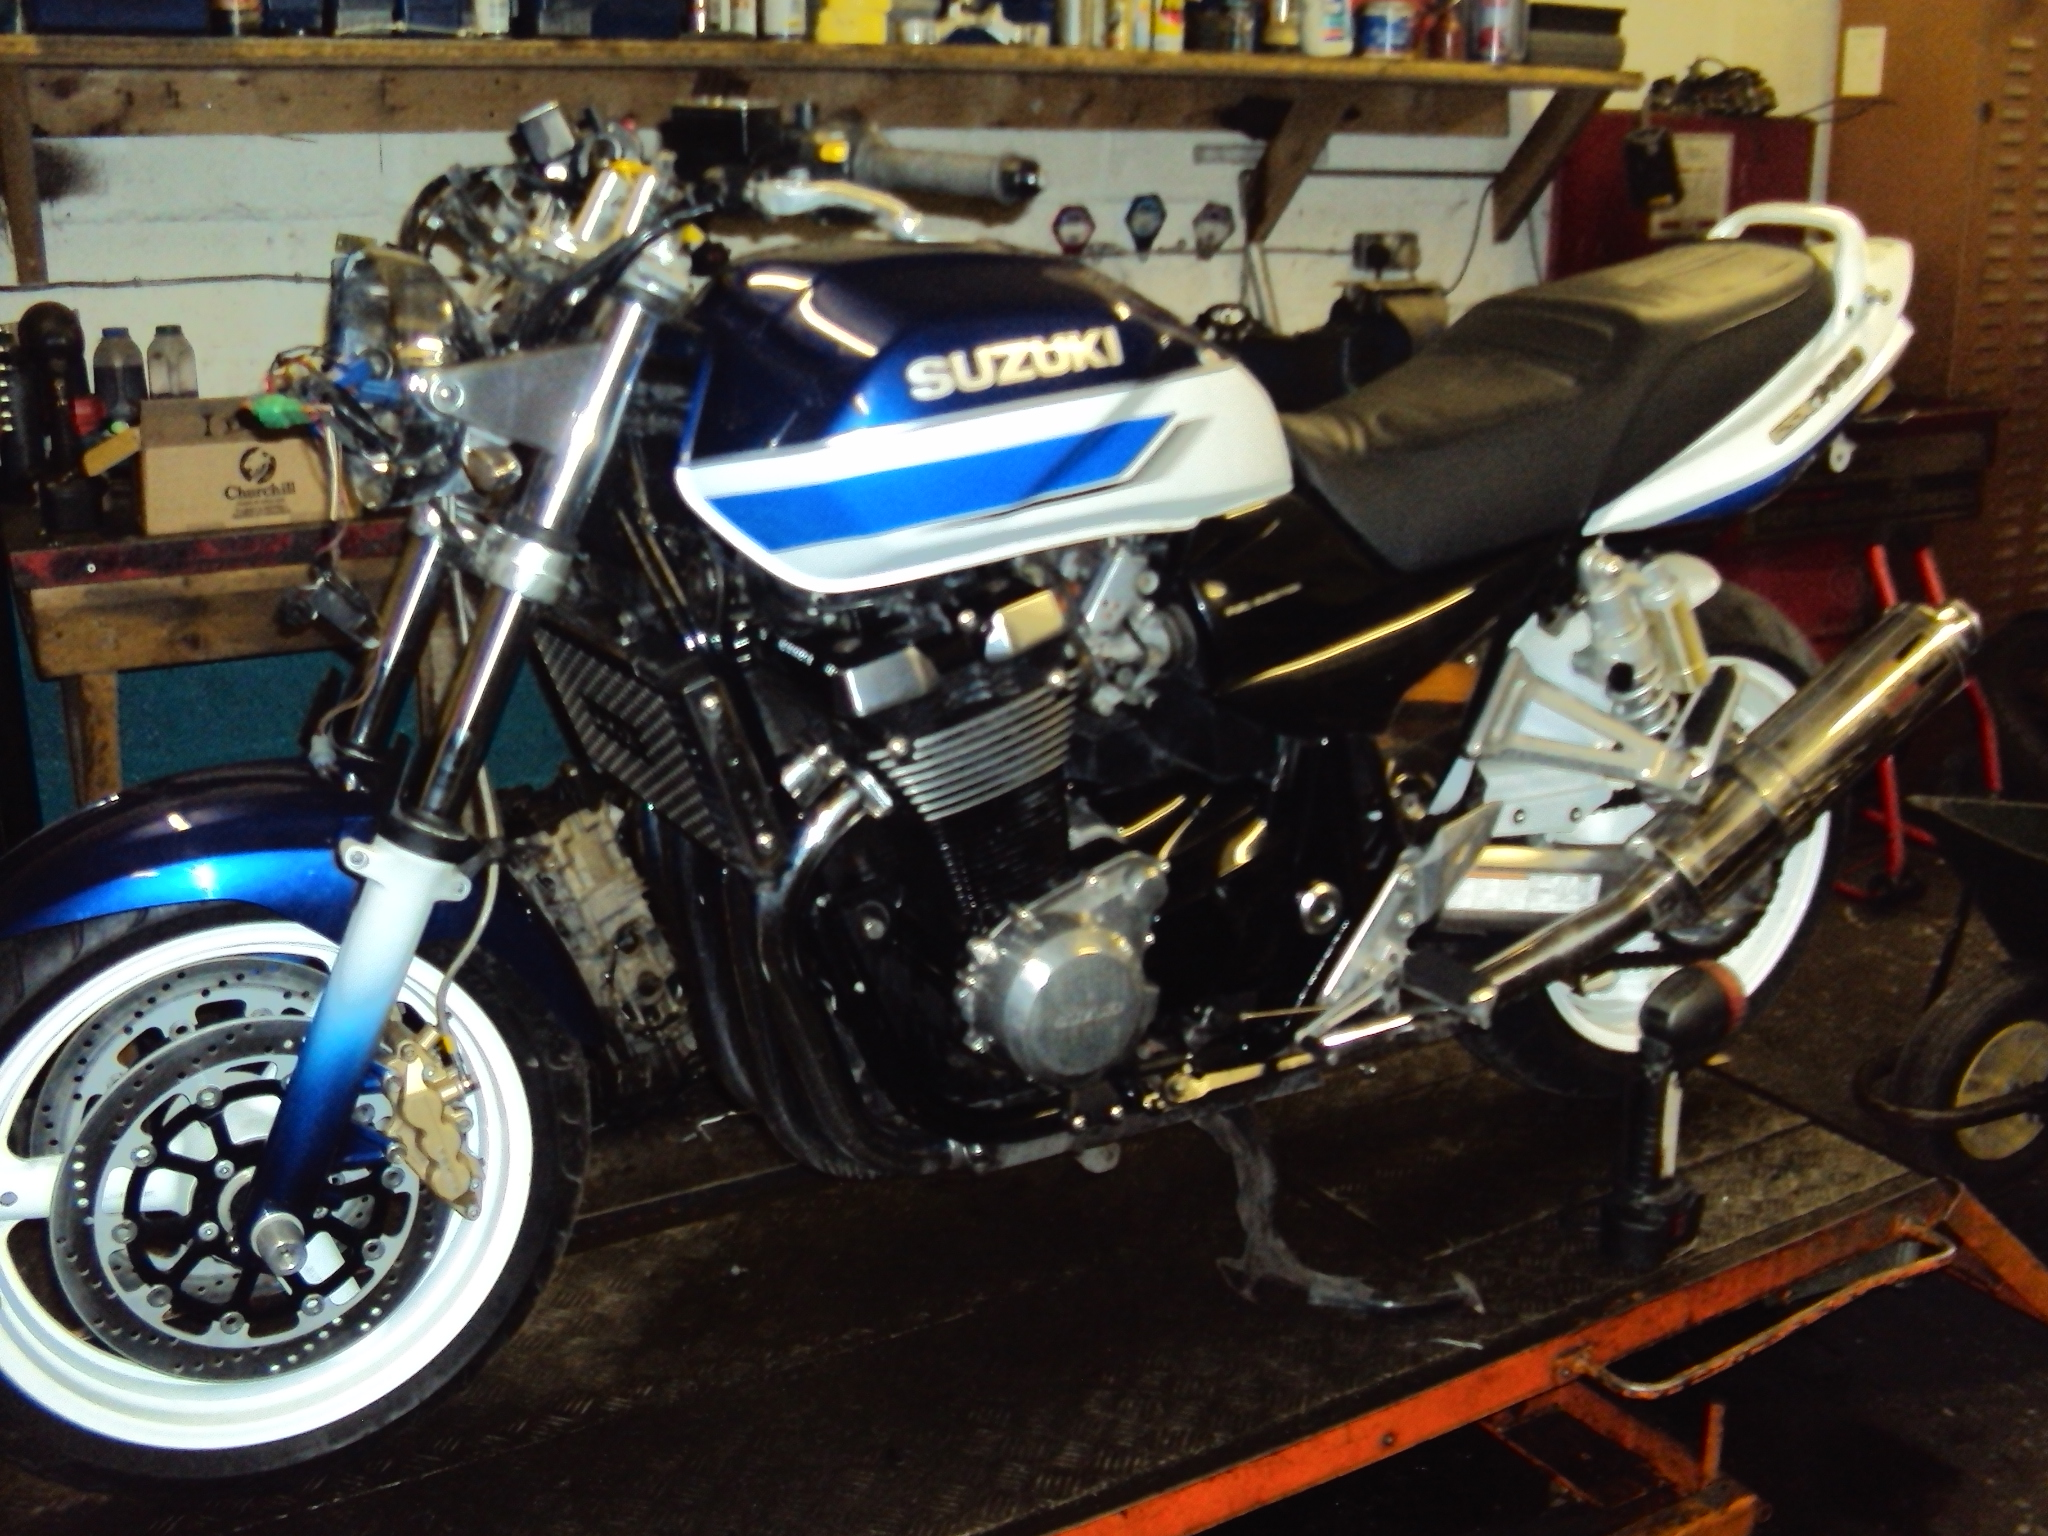 RECENT SALVAGE - Pro Motorcycle Salvage - UK Bike Breaker